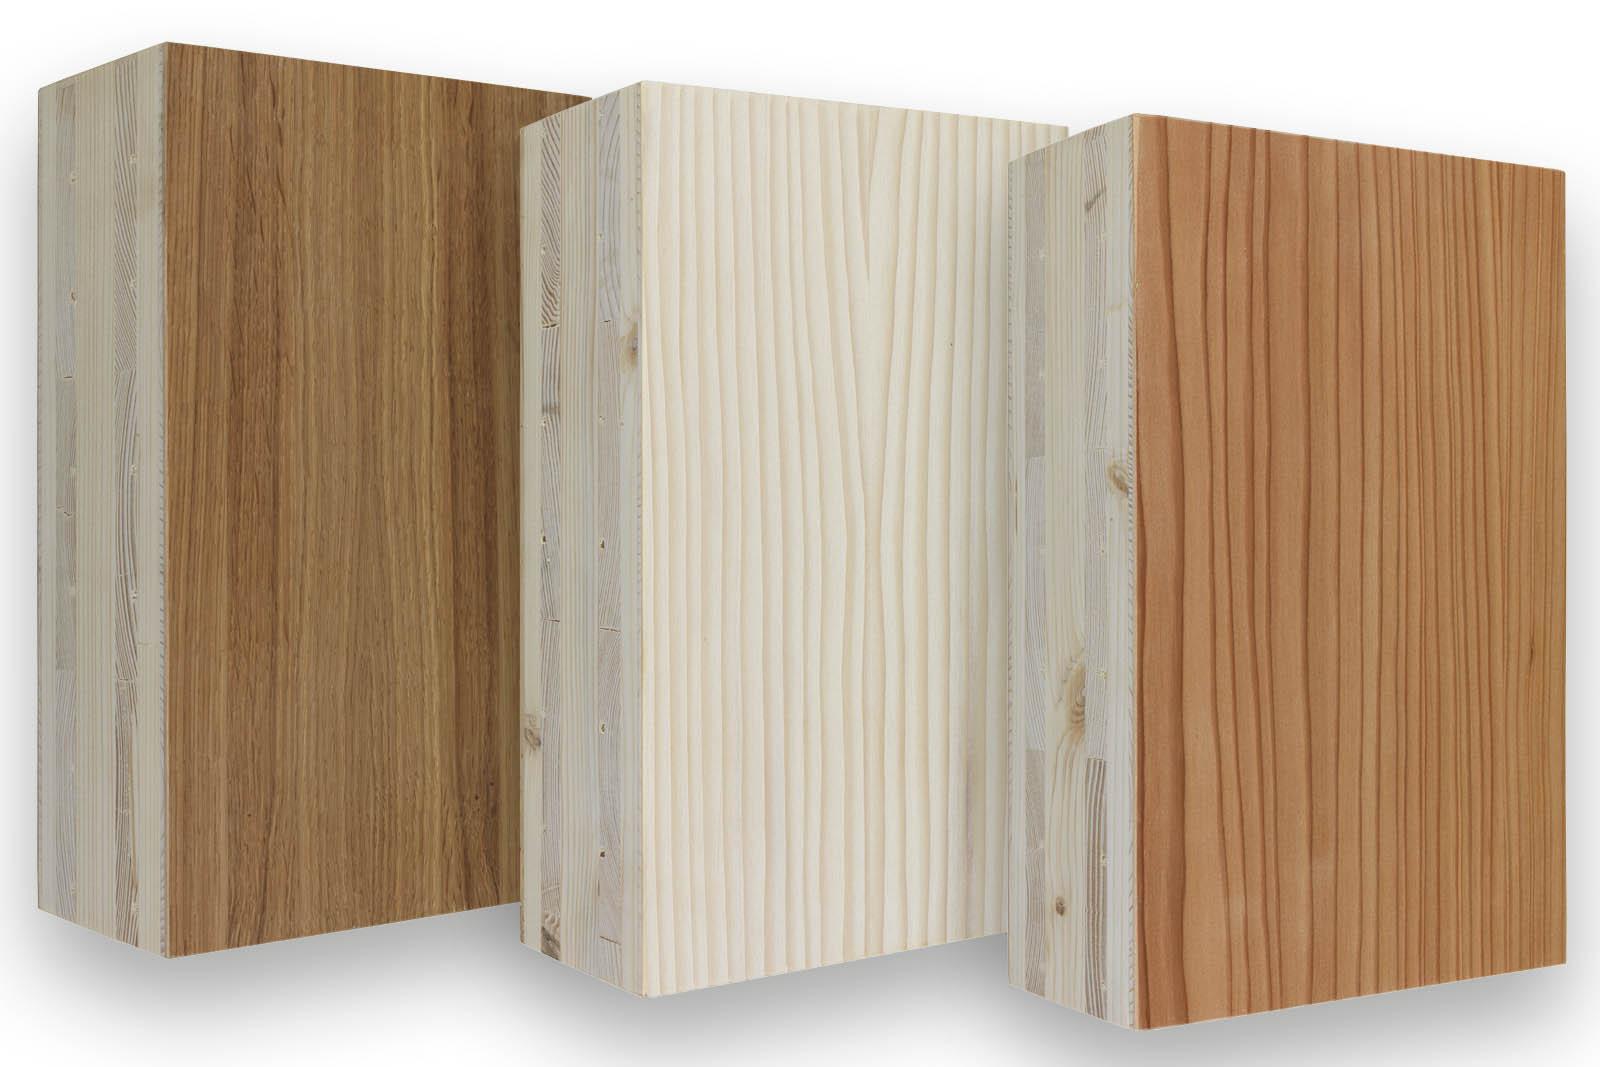 Brettsperrholz mit Exklusivoberflächen in Lärche, Weißtanne und Eiche